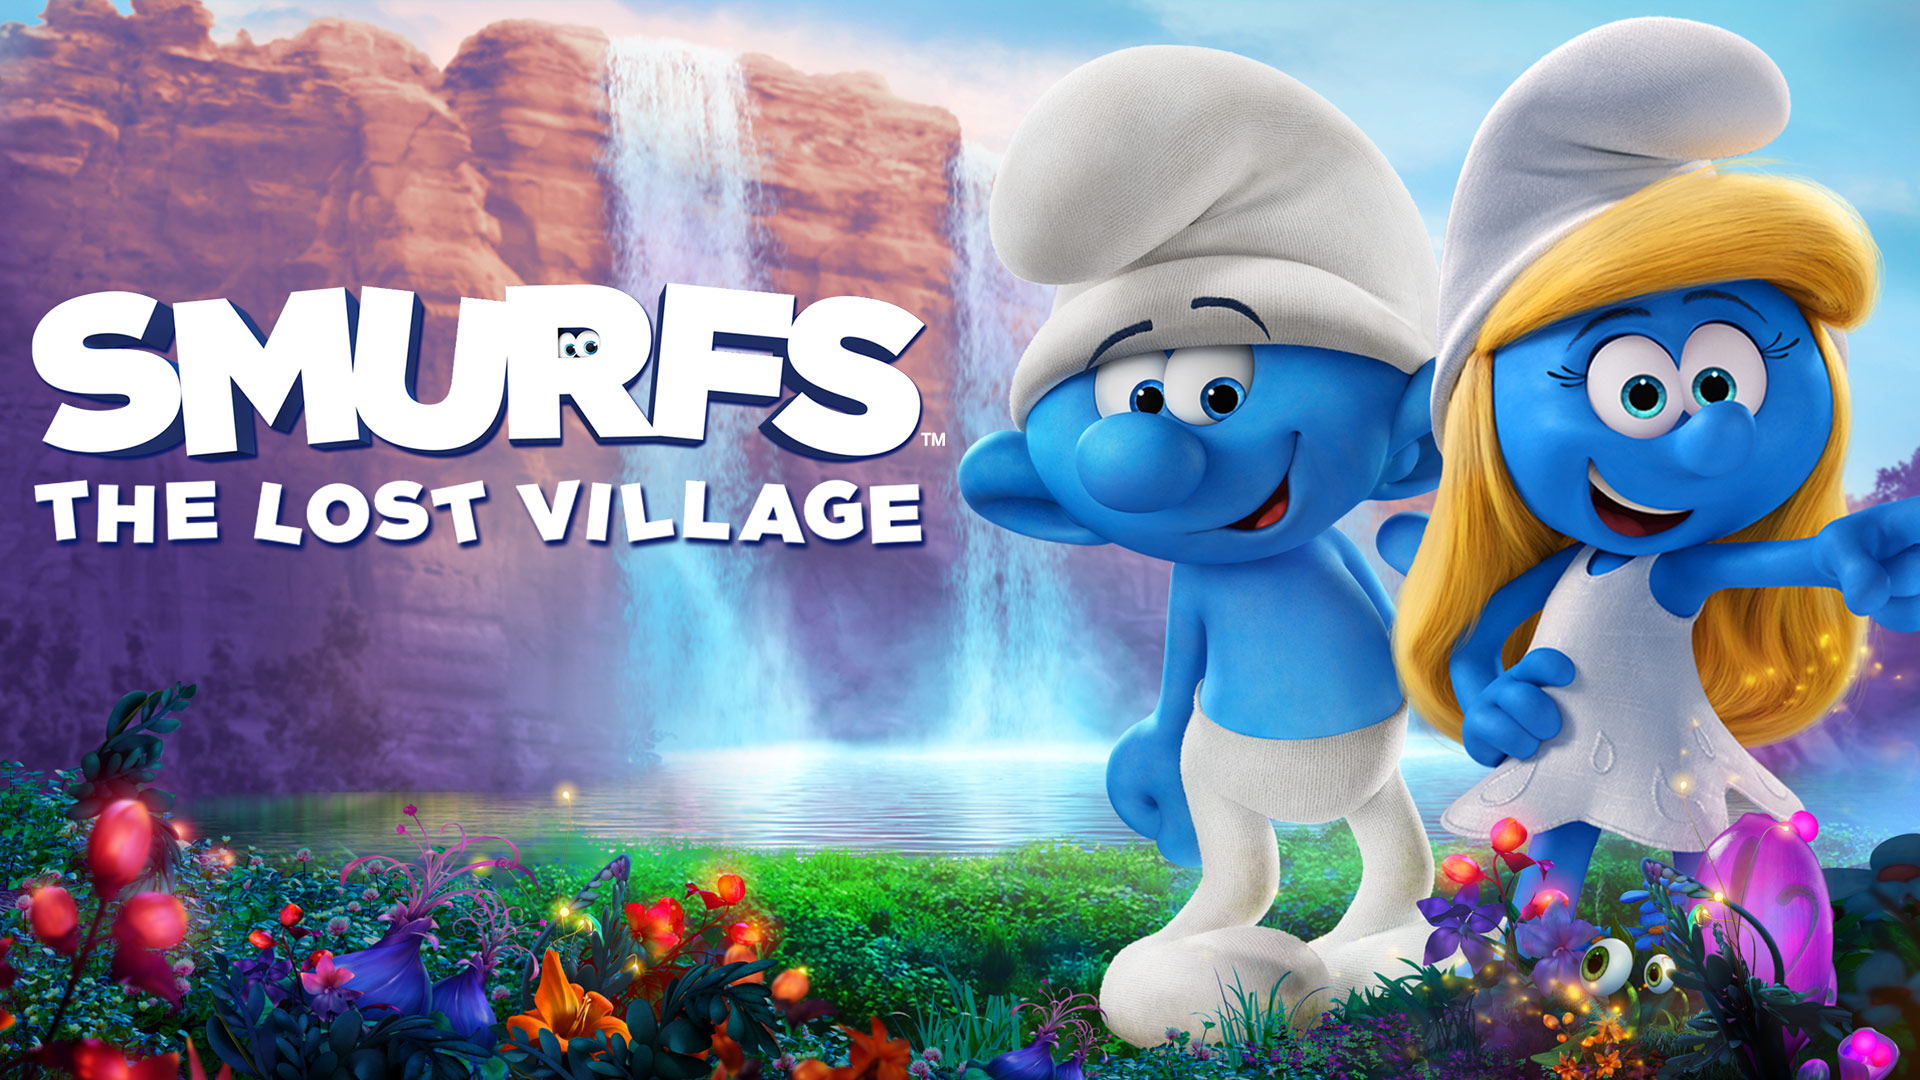 Smurfs: The Lost Village